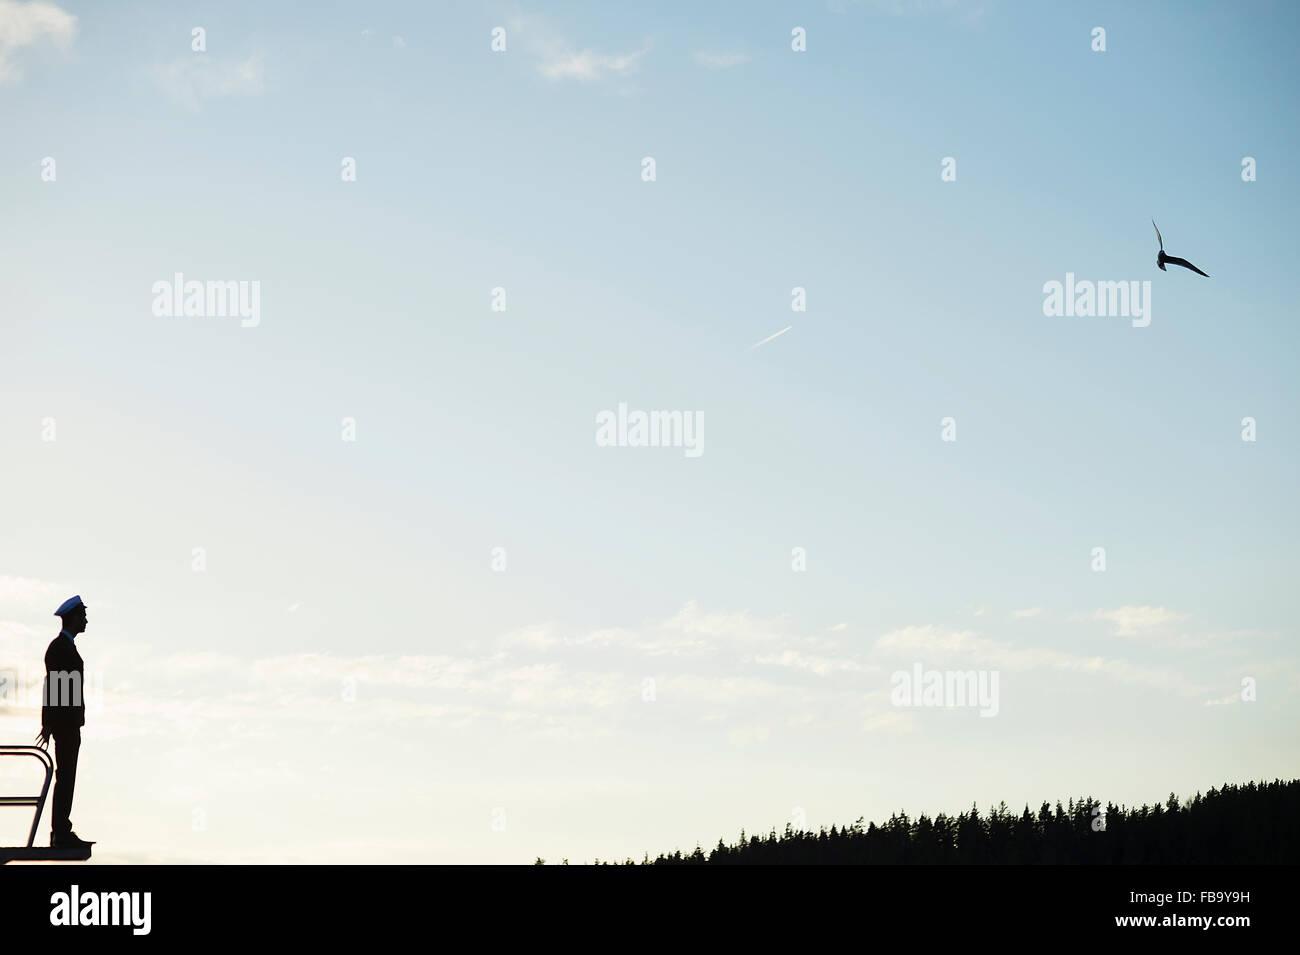 La Svezia, Vastmanland, Silhouette di un giovane uomo che indossa mortarboard in piedi contro il cielo Immagini Stock